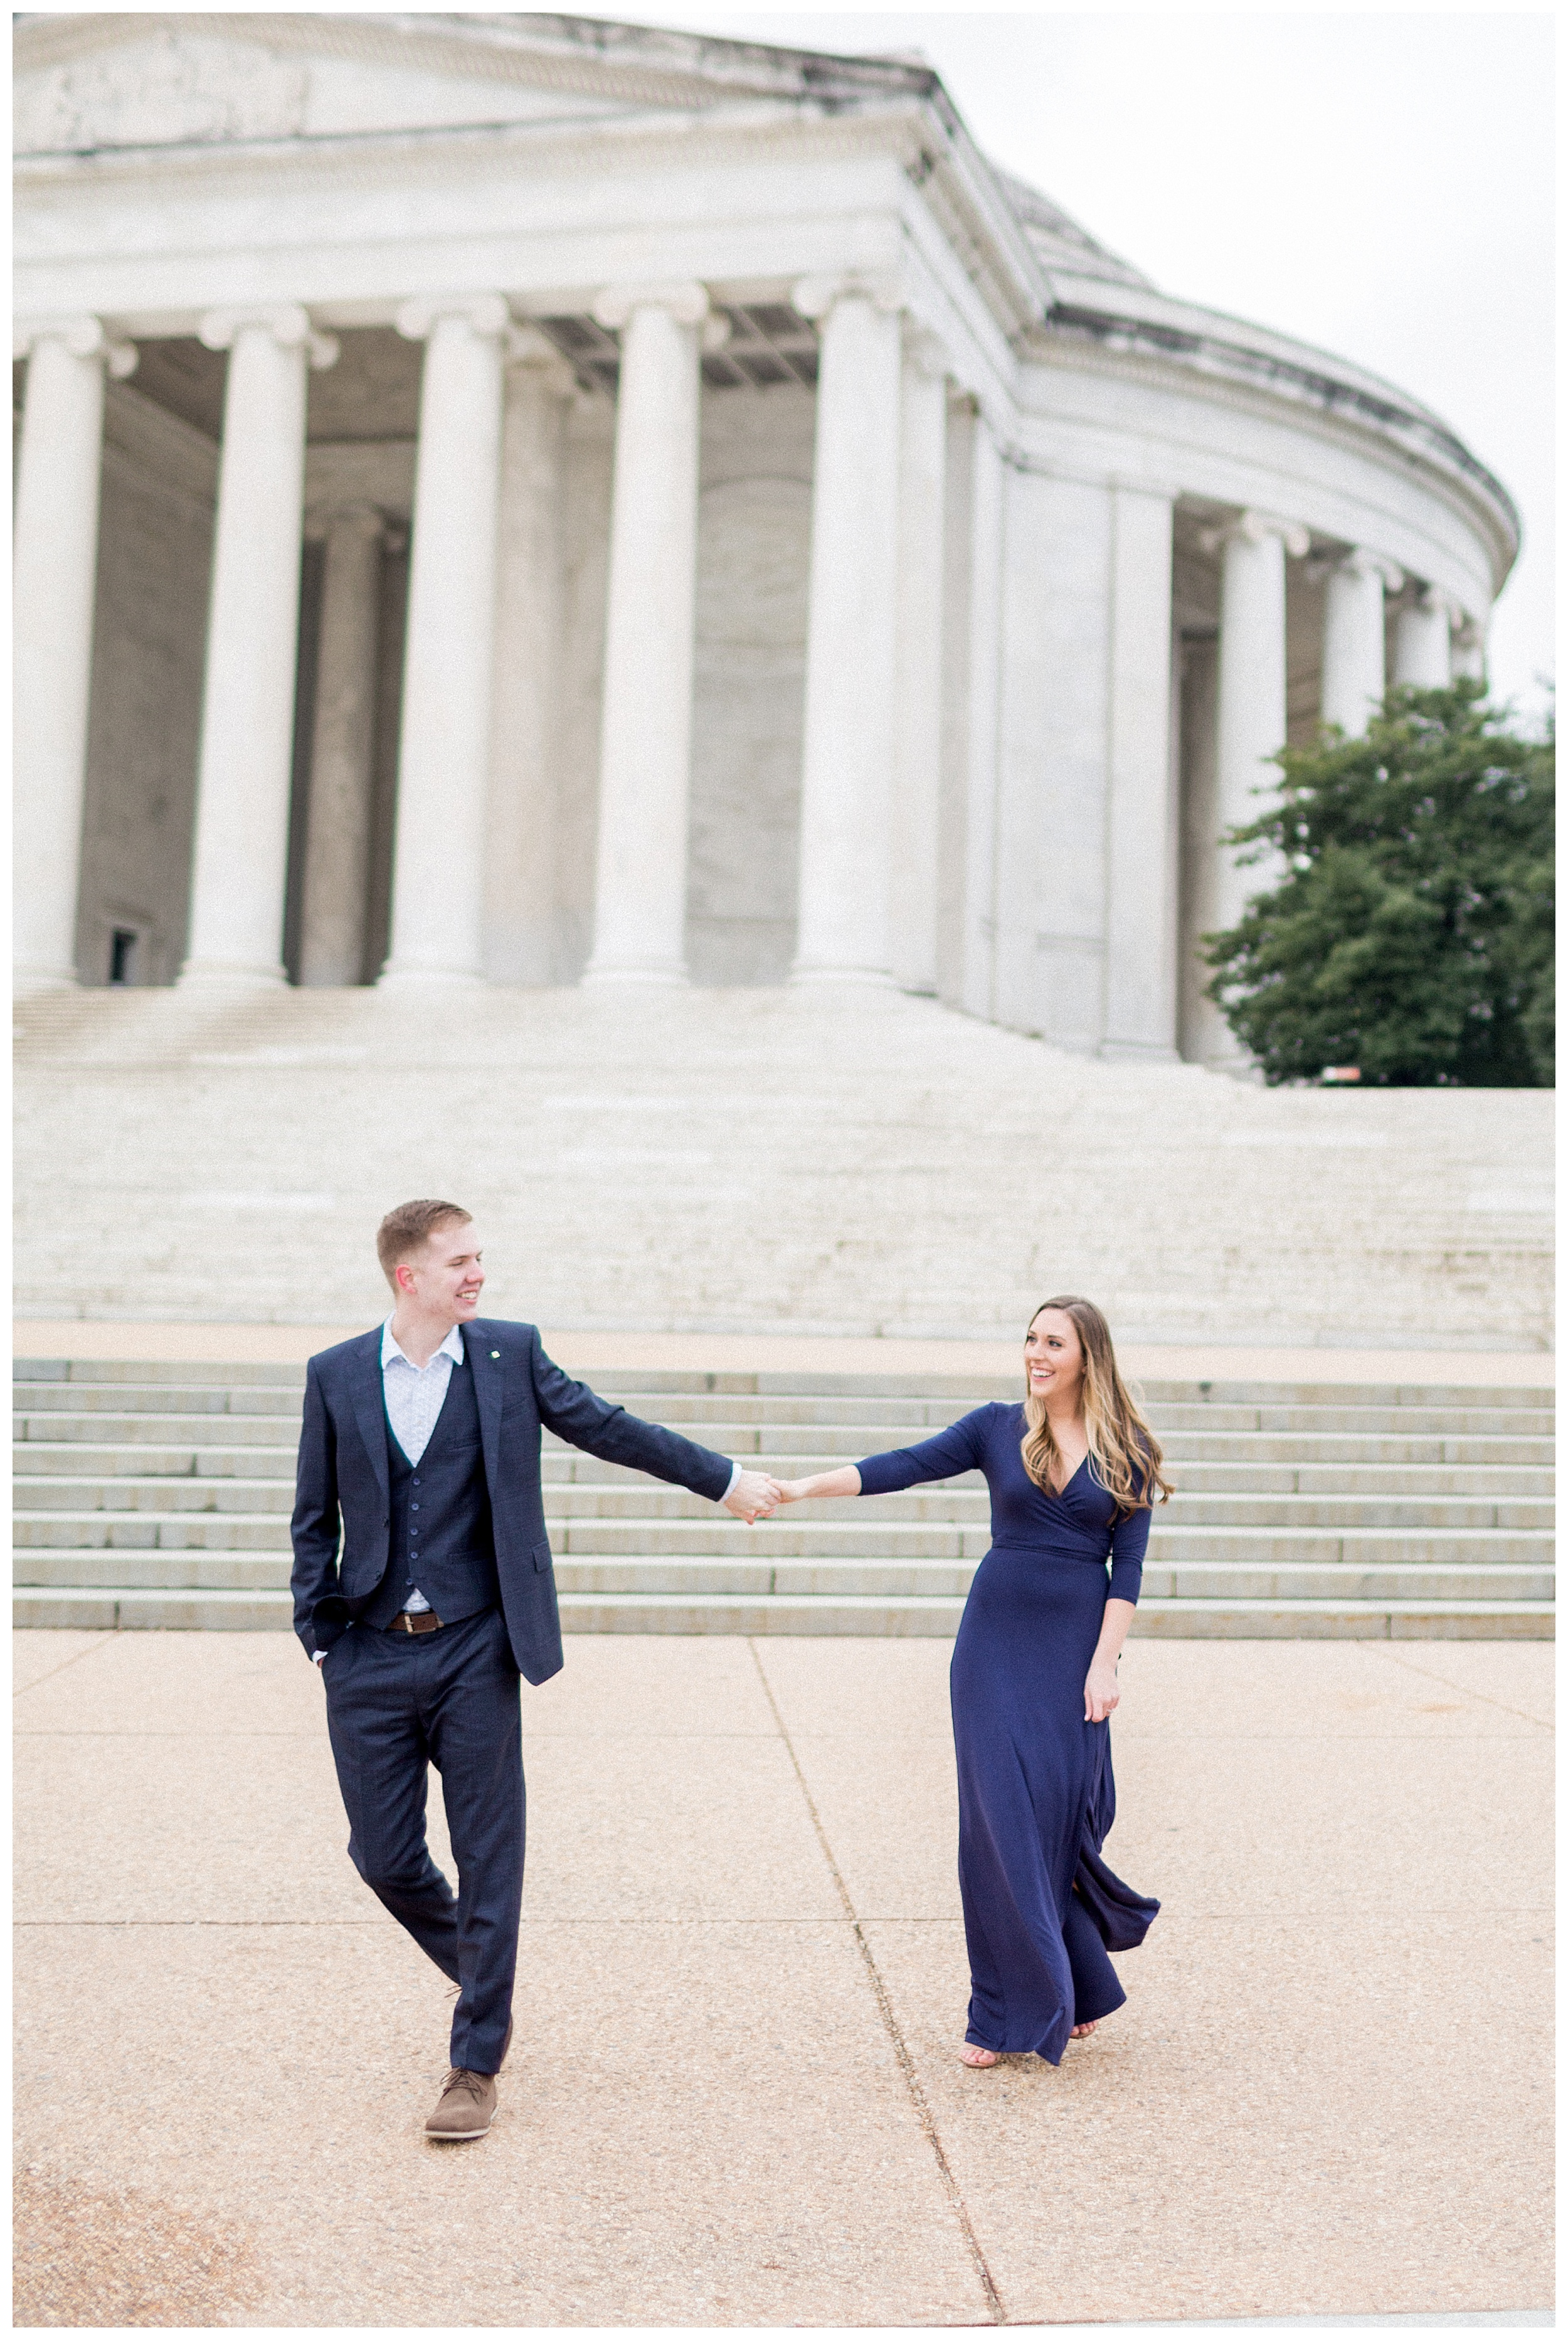 Washingon DC Engagement Photos | Jefferson Memorial Engagement | Kir Tuben_0008.jpg